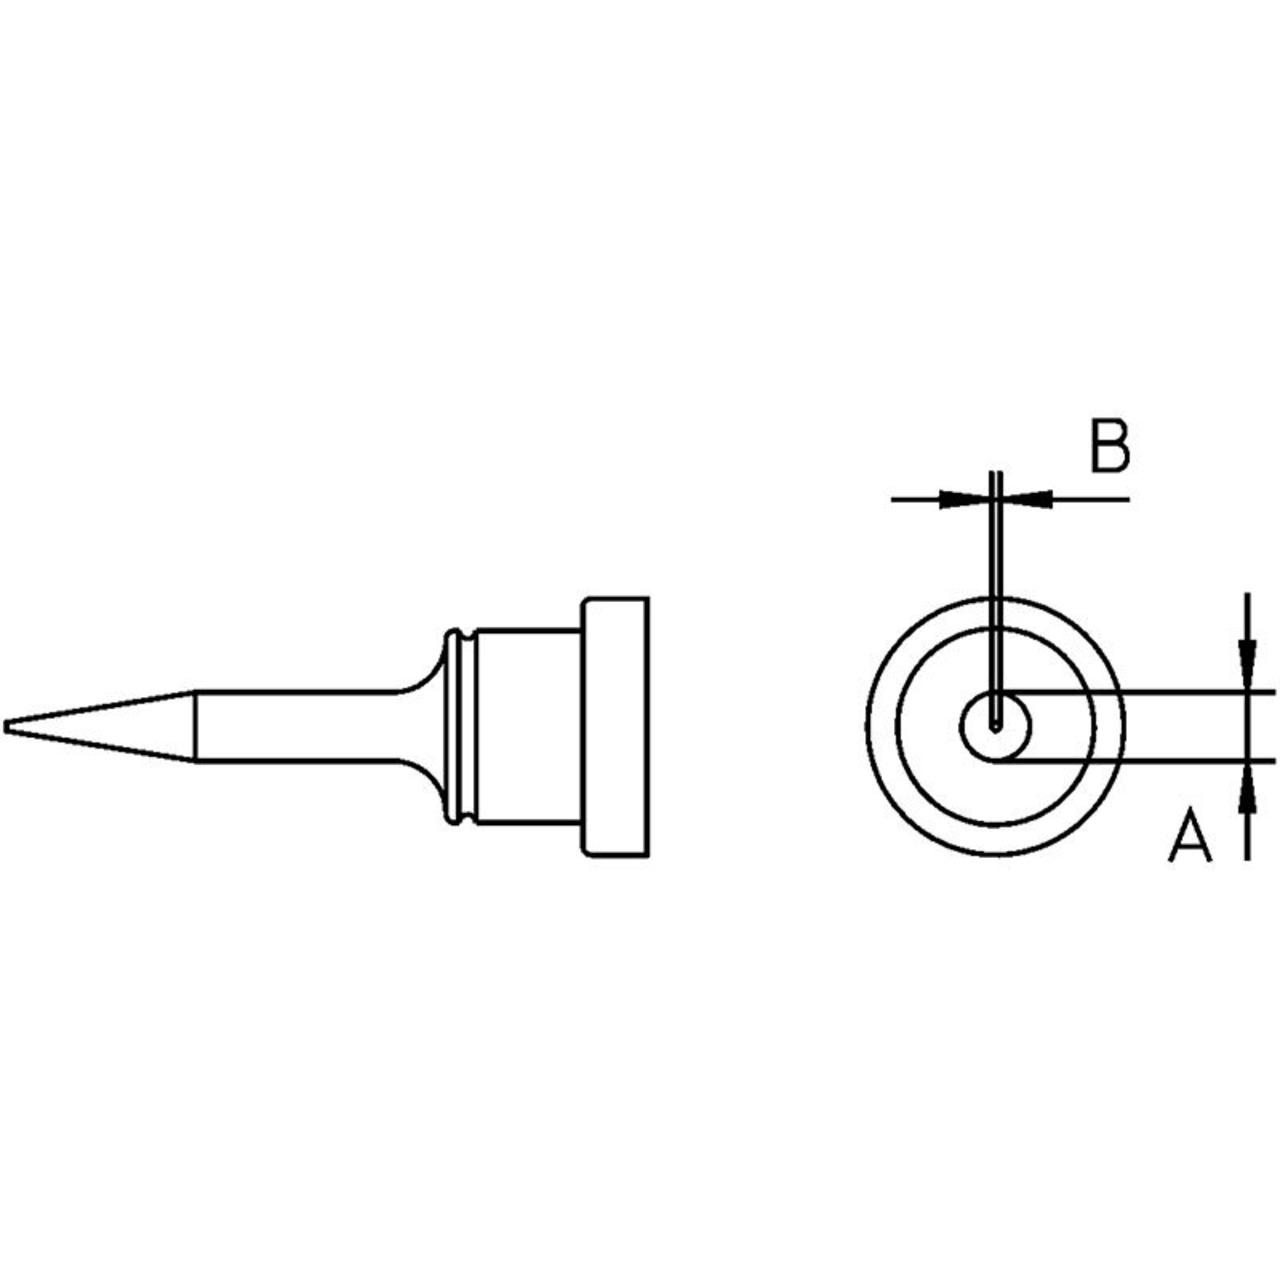 Weller Ersatzlötspitze LT 1SC- meisselförmig- Spitze 0-4 mm breit